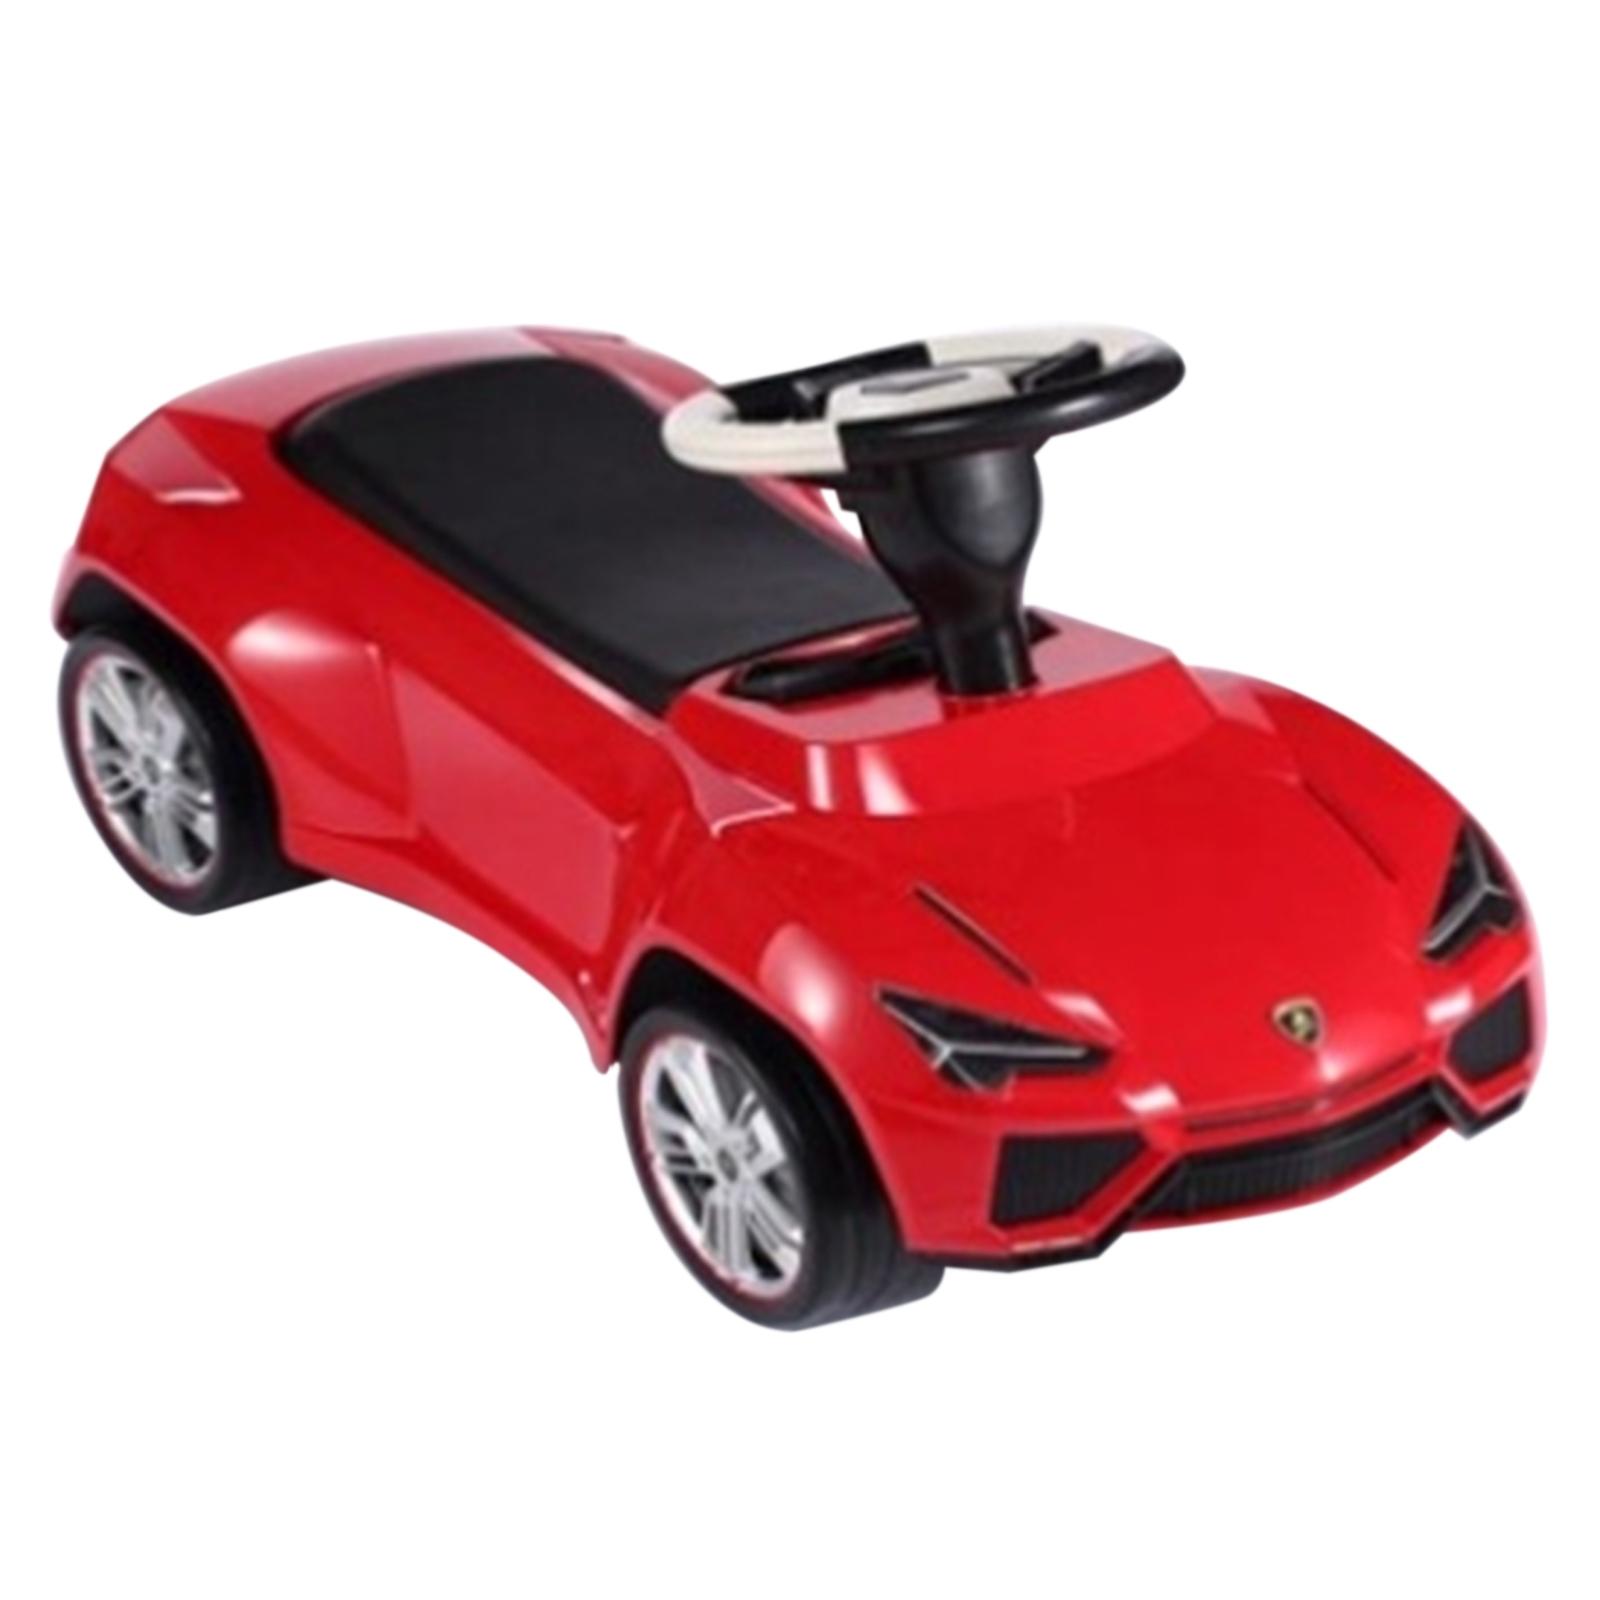 Lamborghini Urus Licensed Ride On Push Car - Red